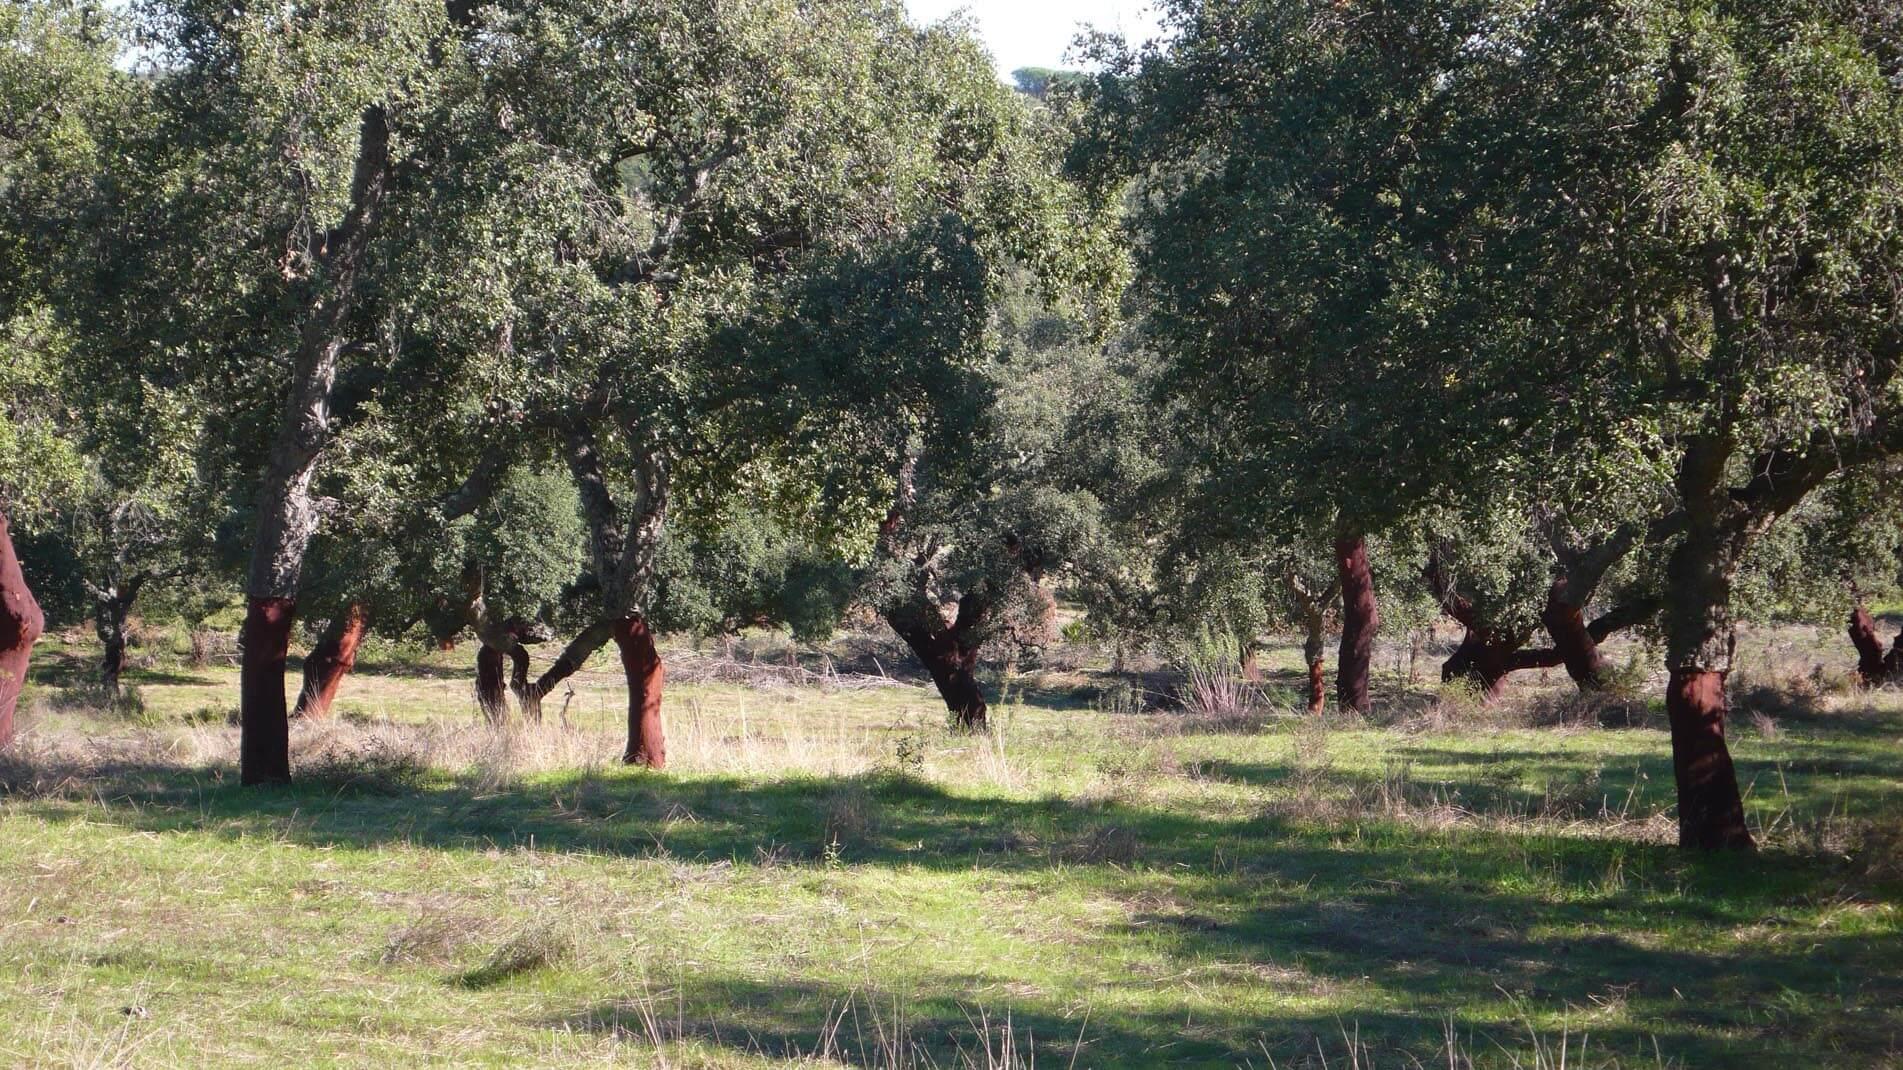 Una finca tipo dehesa con un bosque de alcornoques